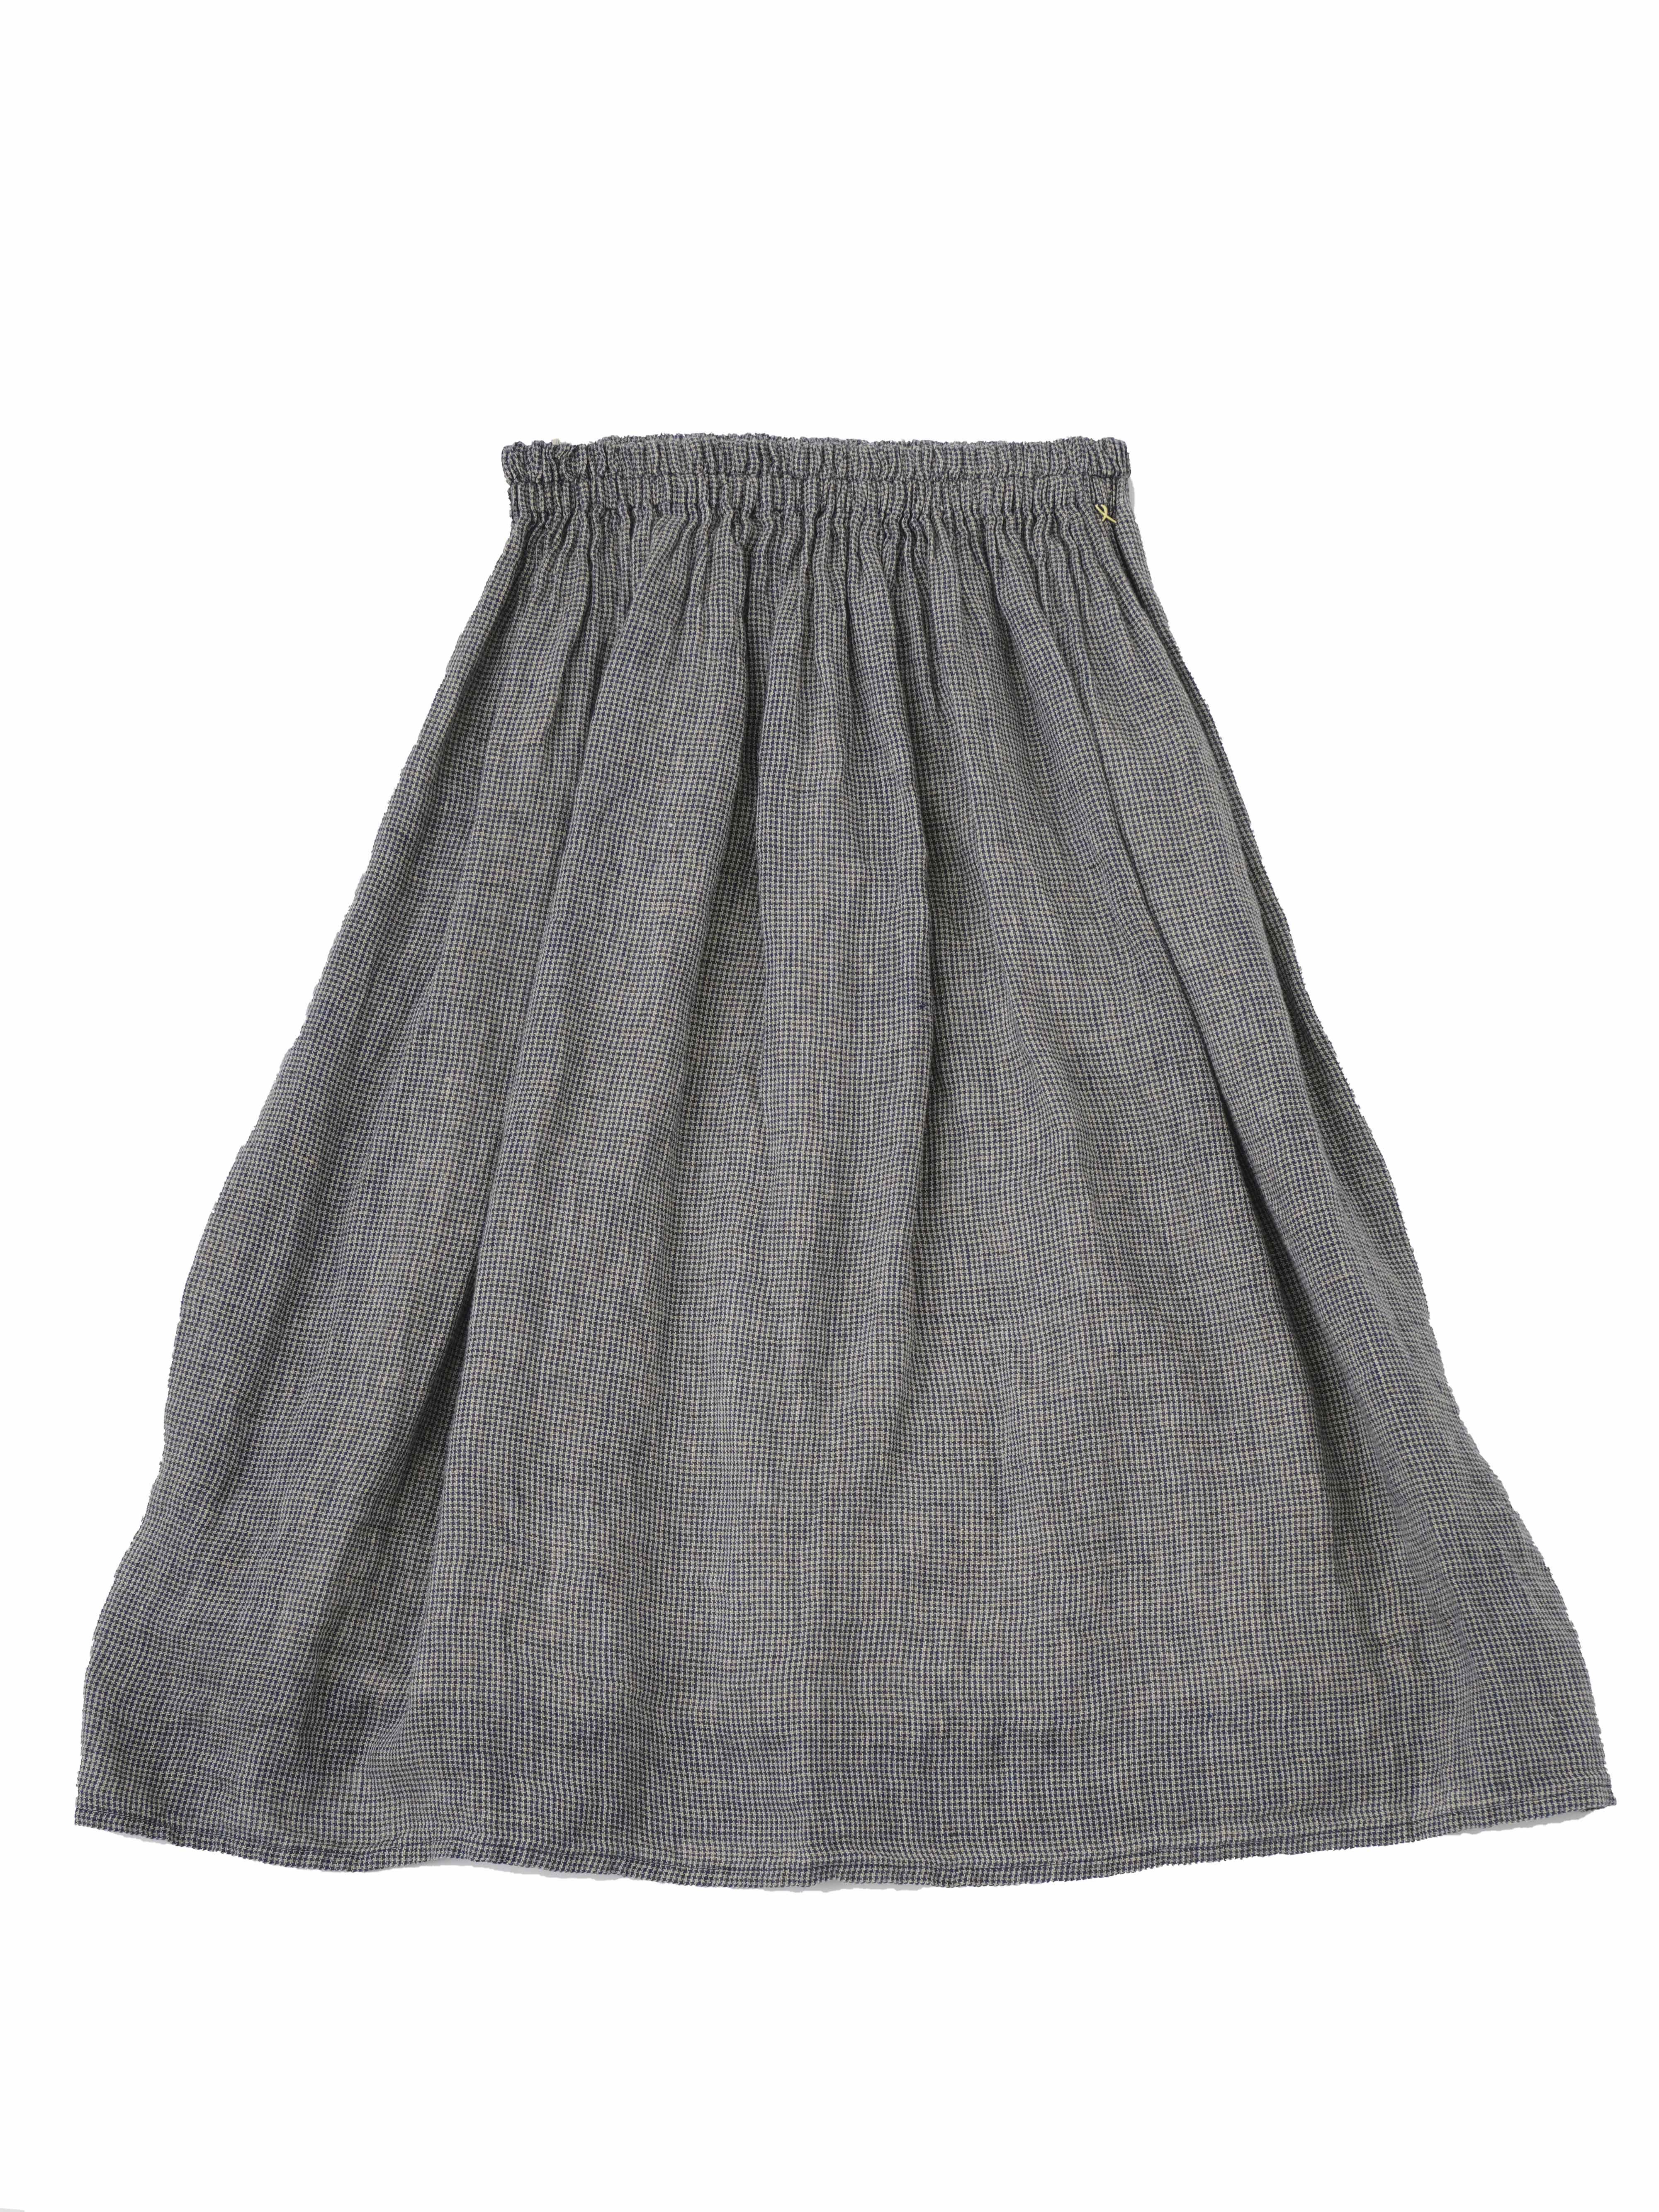 リネンガーゼチドリギャザースカート